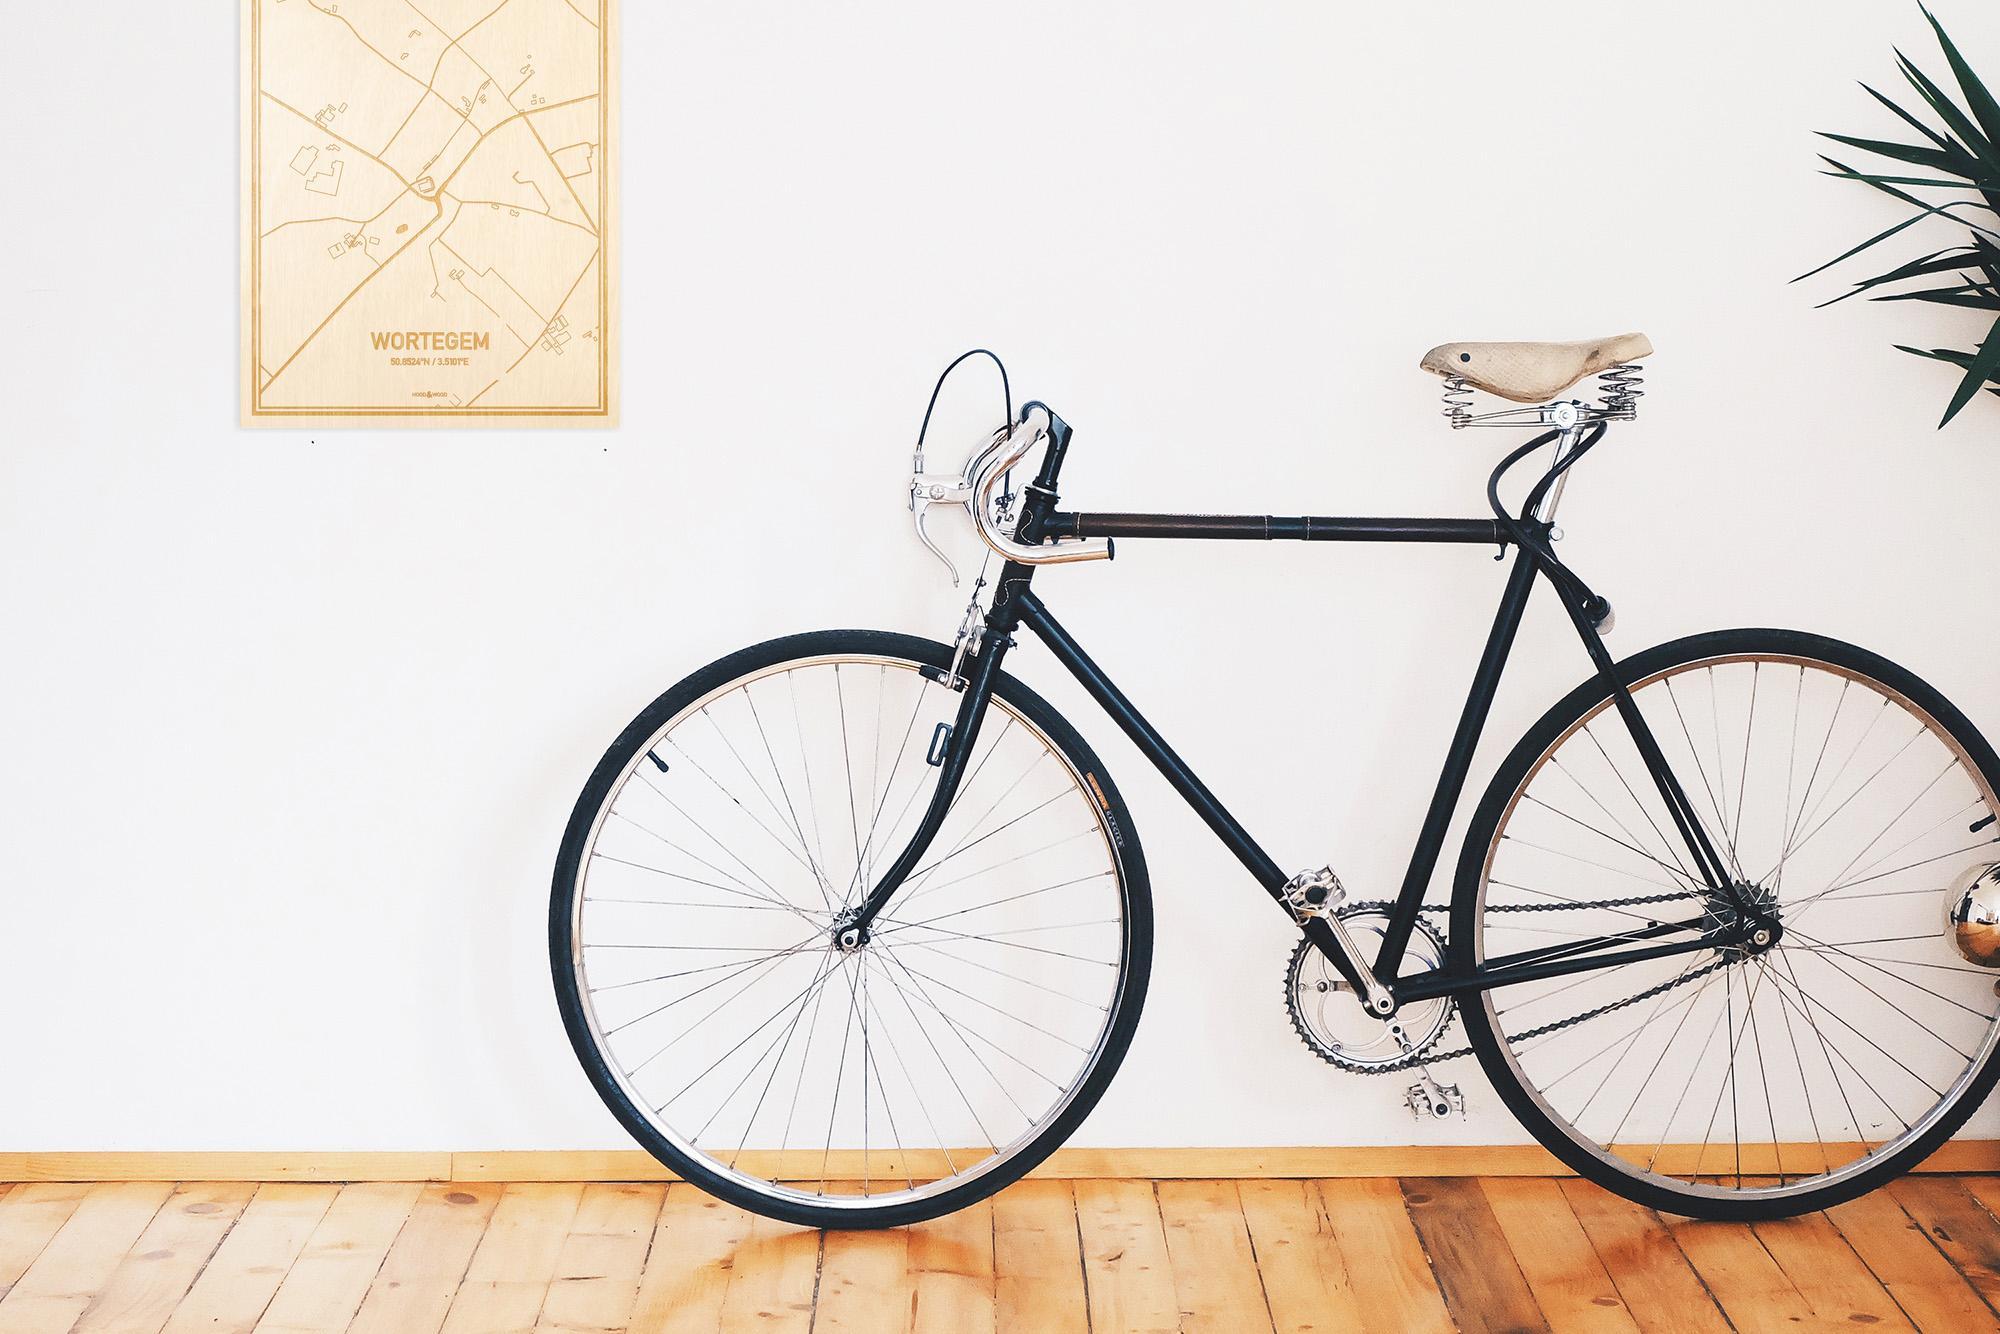 Een snelle fiets in een uniek interieur in Oost-Vlaanderen  met mooie decoratie zoals de plattegrond Wortegem.